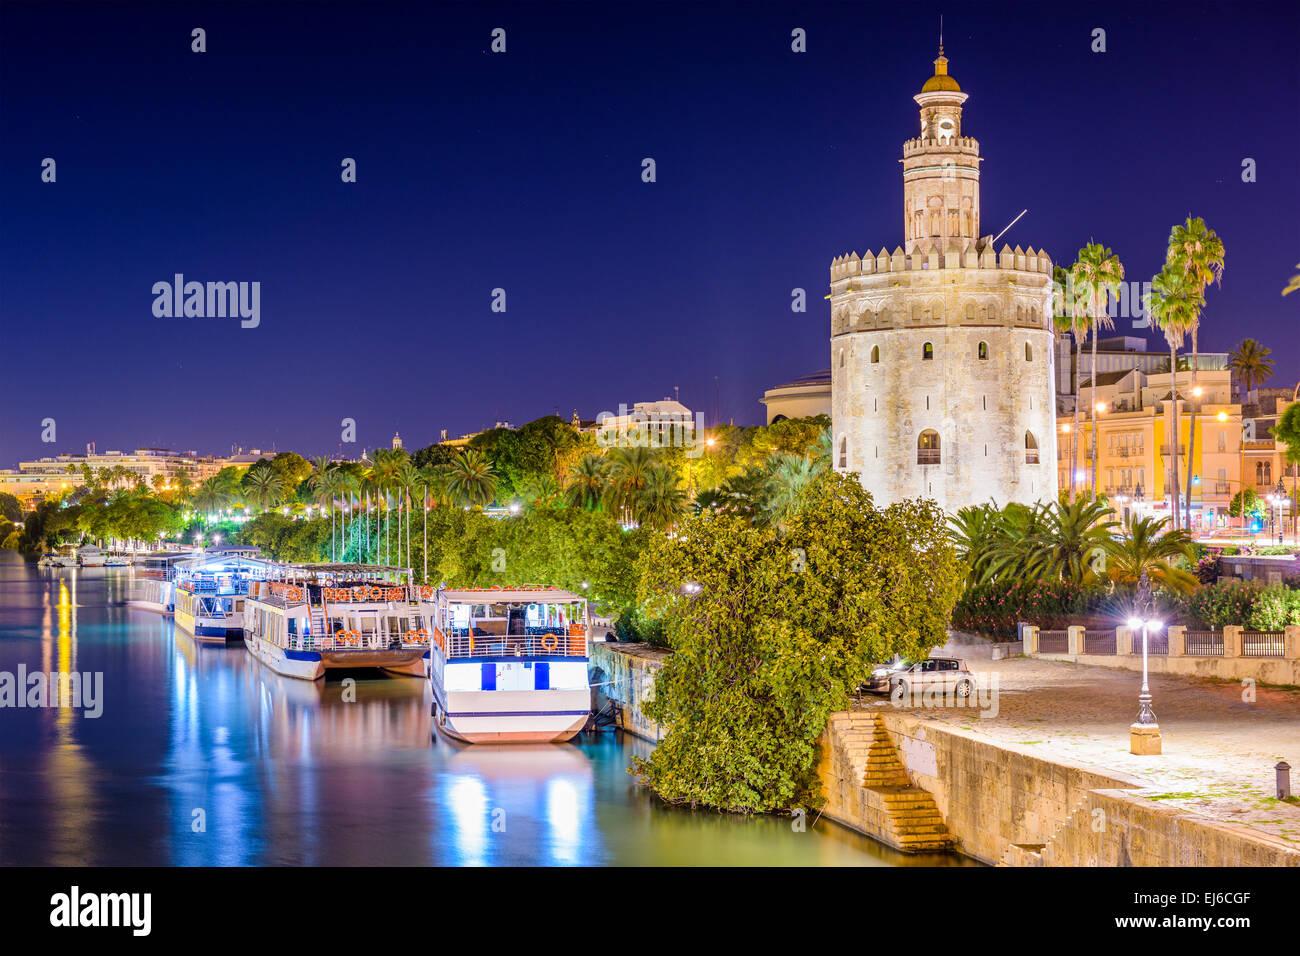 En Sevilla, la Torre del Oro en el río Guadalquivir. Imagen De Stock